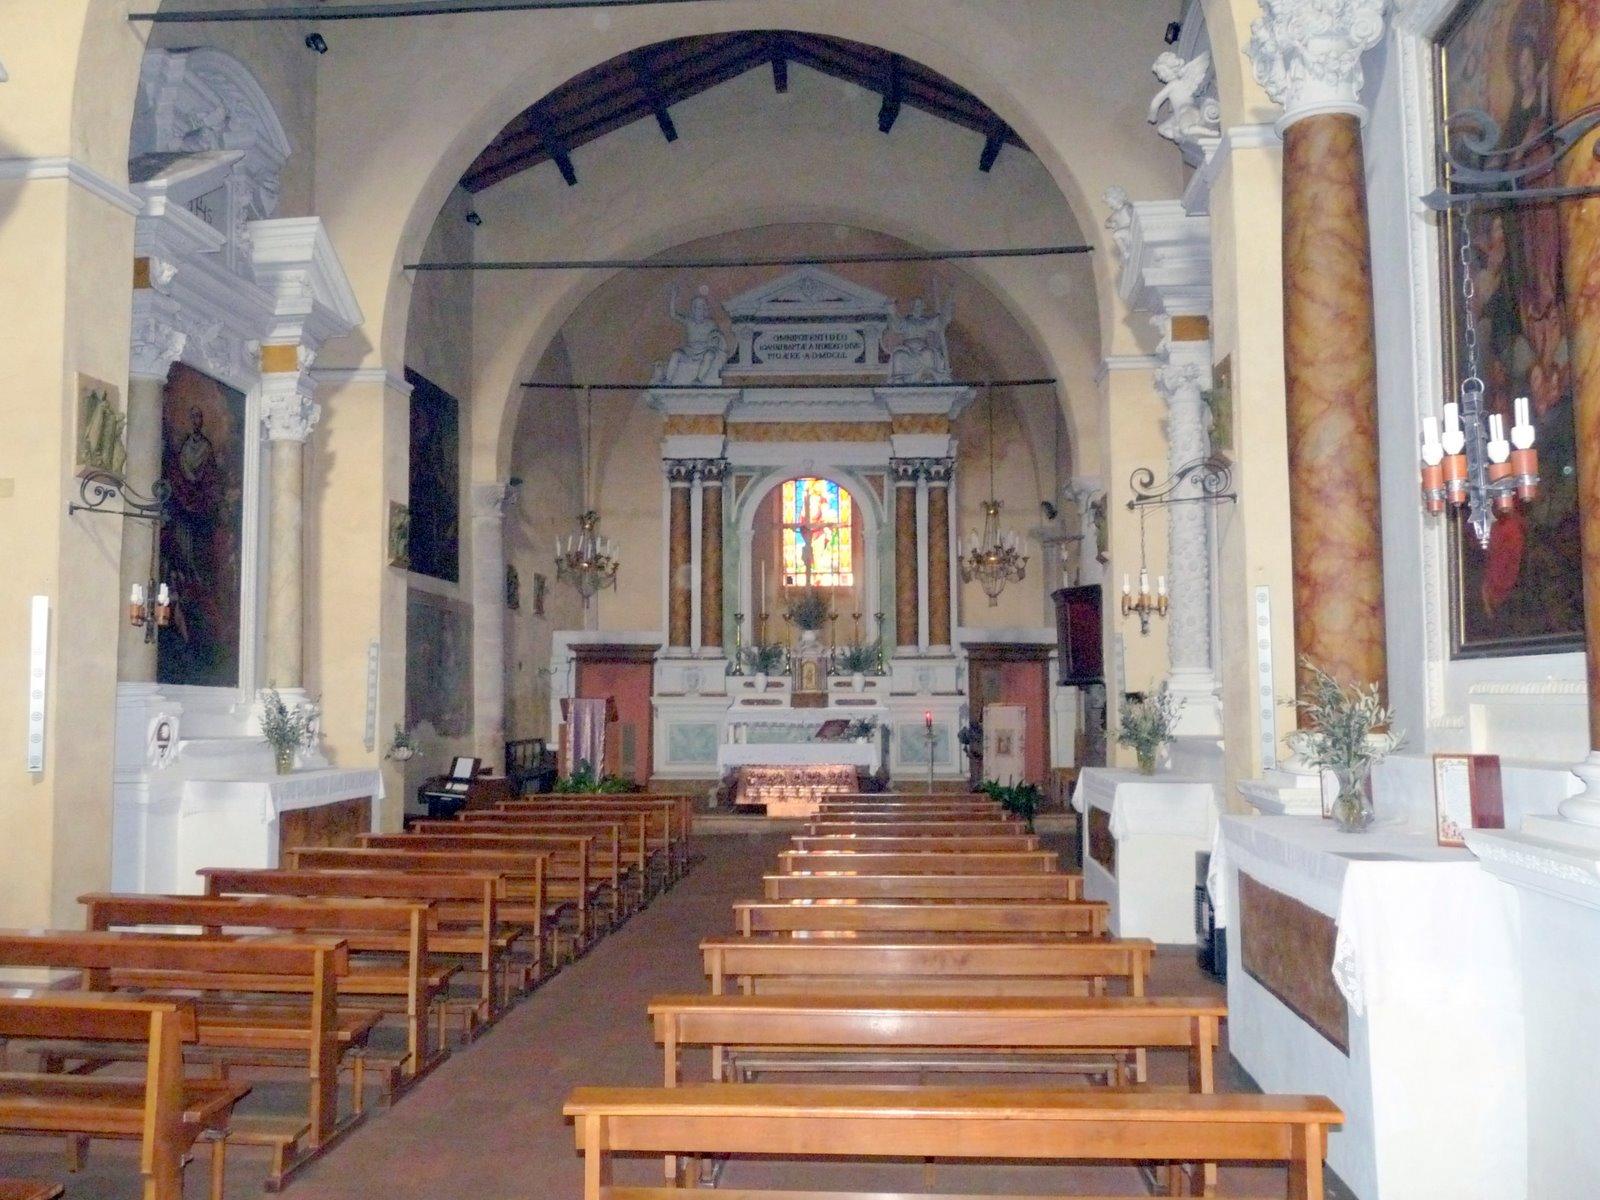 Chiese della maremma 4 parte - Finestre circolari delle chiese gotiche ...